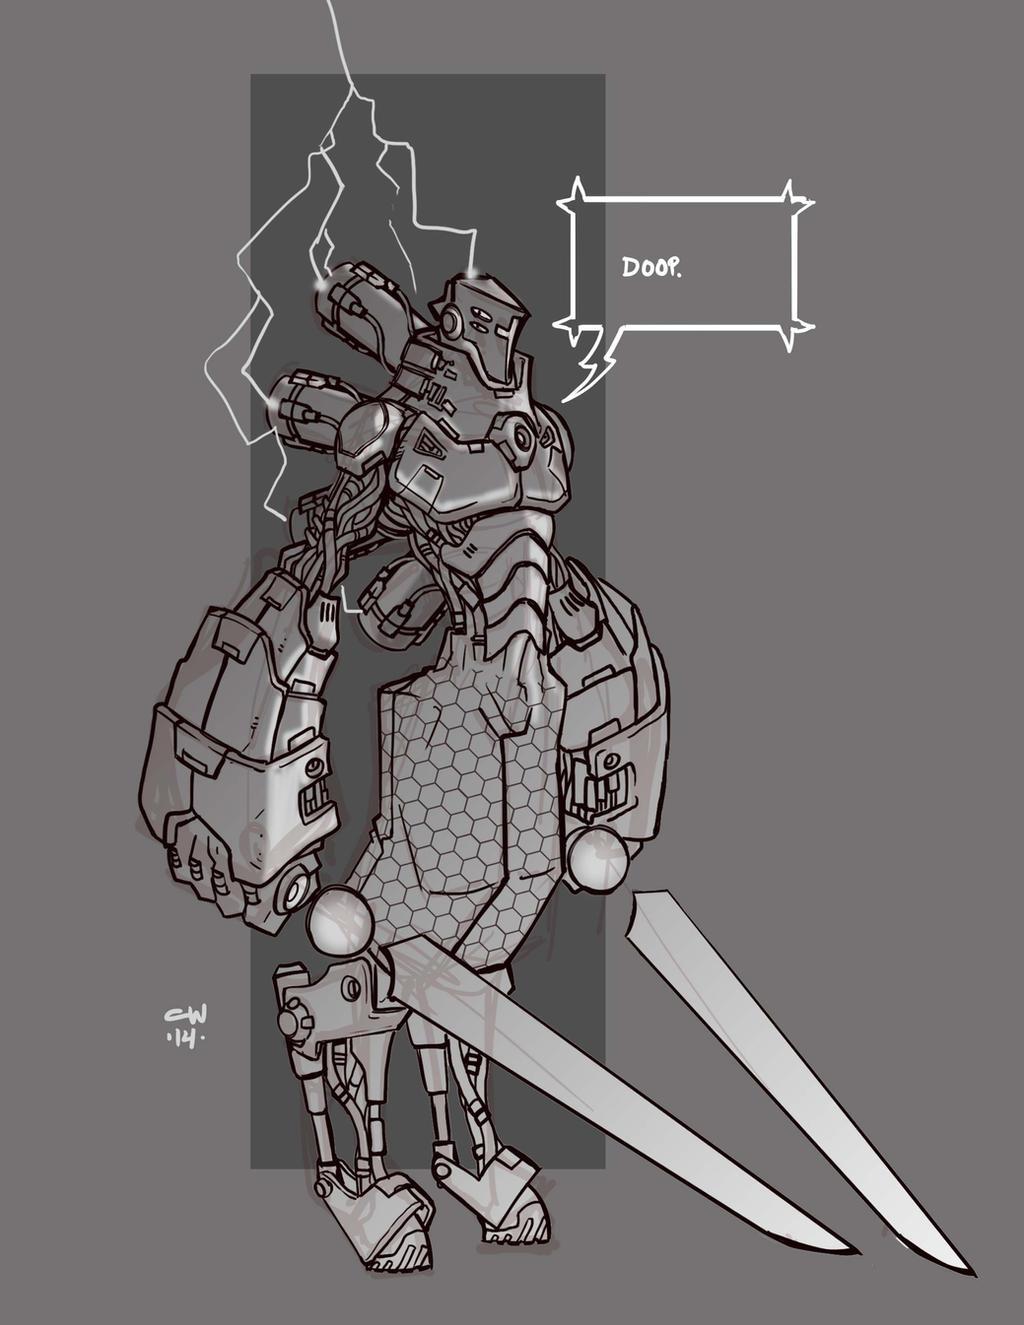 Mecha Sketch 4 by cwalton73